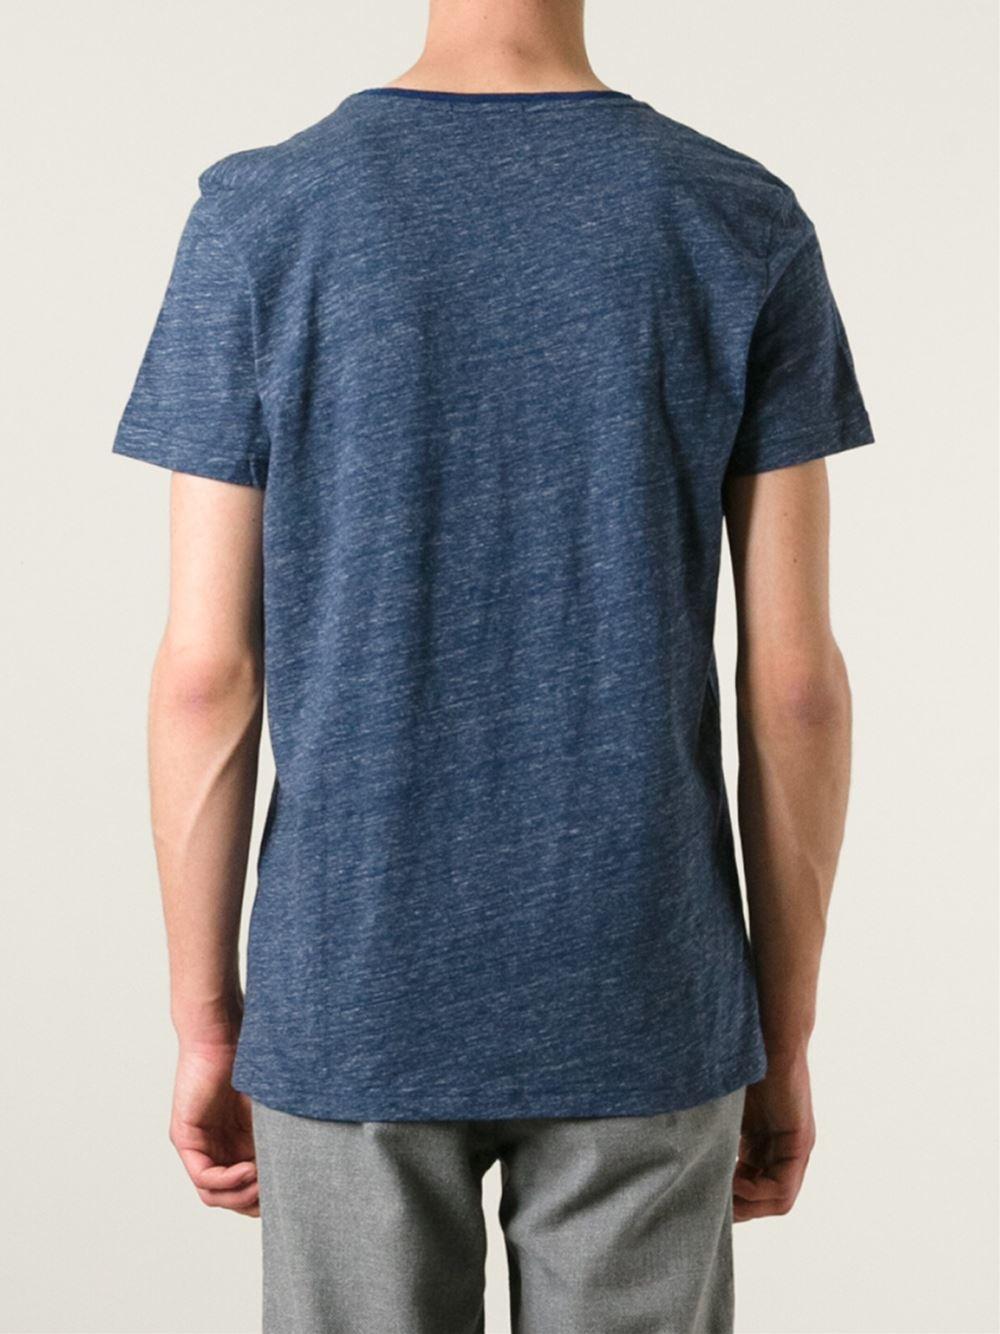 oliver spencer marled t shirt in blue for men lyst. Black Bedroom Furniture Sets. Home Design Ideas